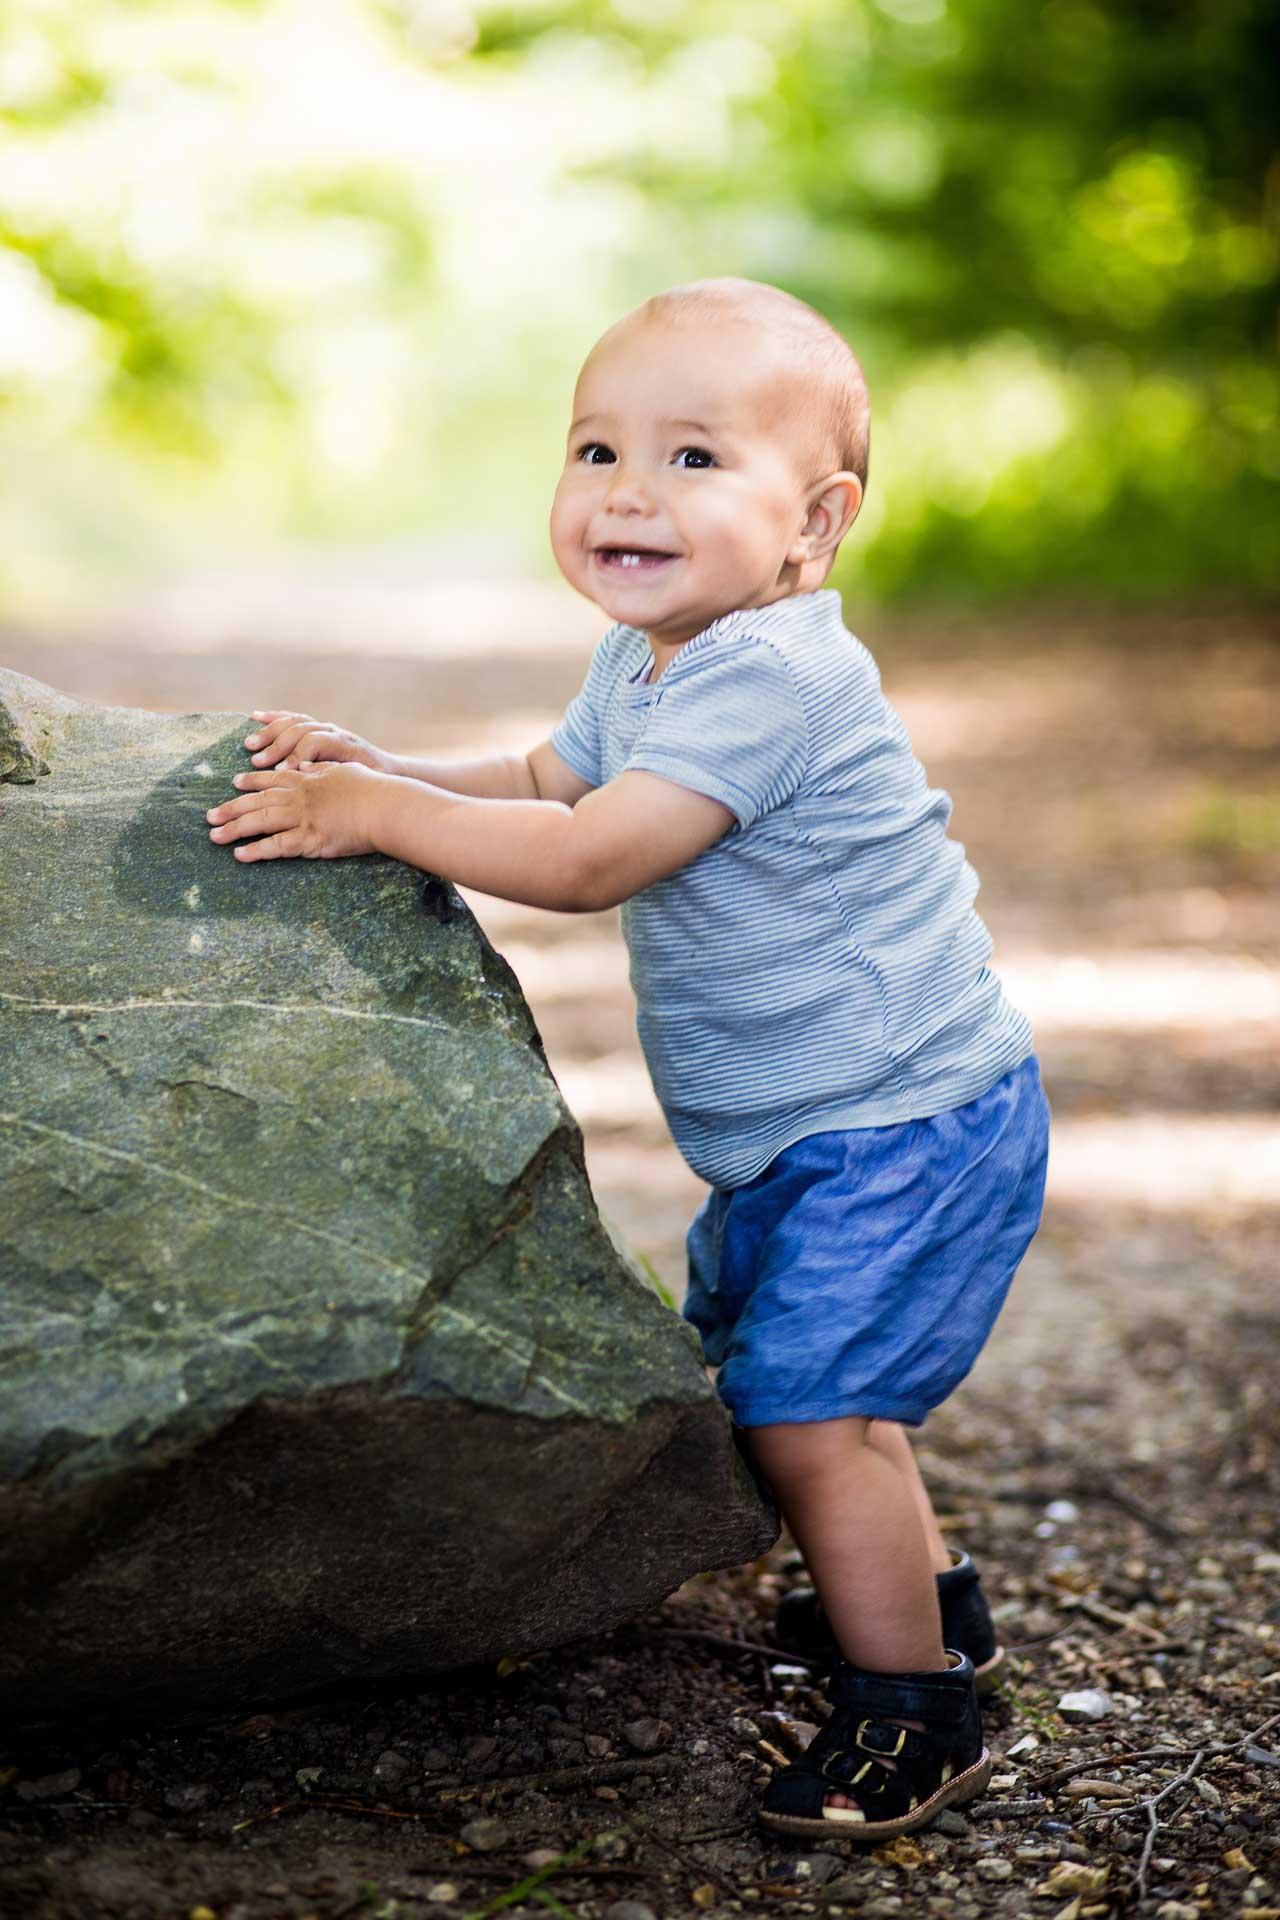 Vi tilbyder fantastiske billeder af jeres søde børn